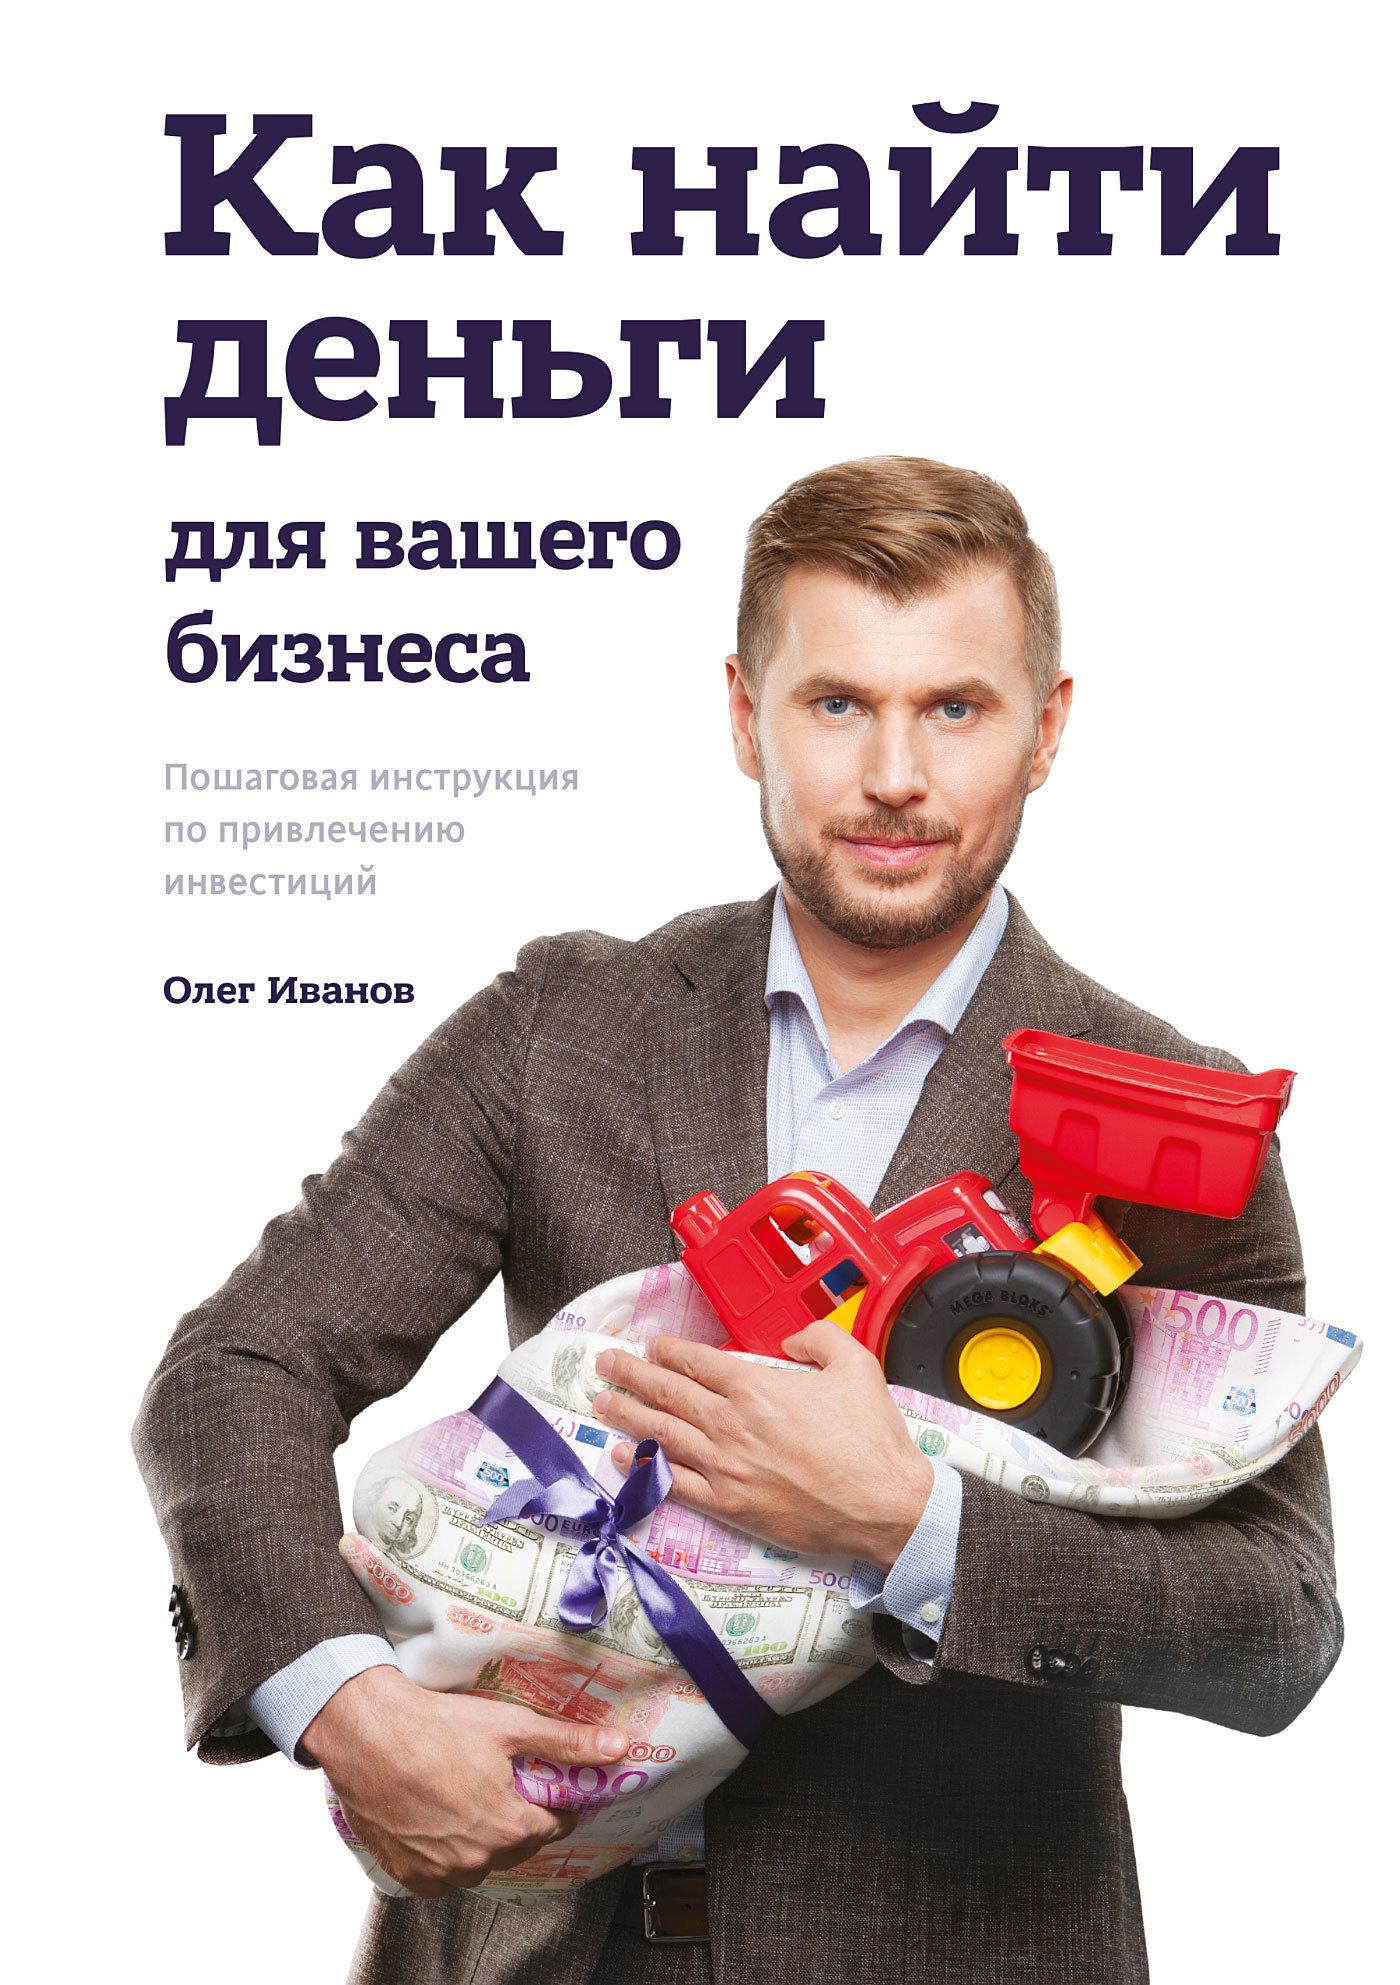 Обложка книги. Автор - Олег Иванов